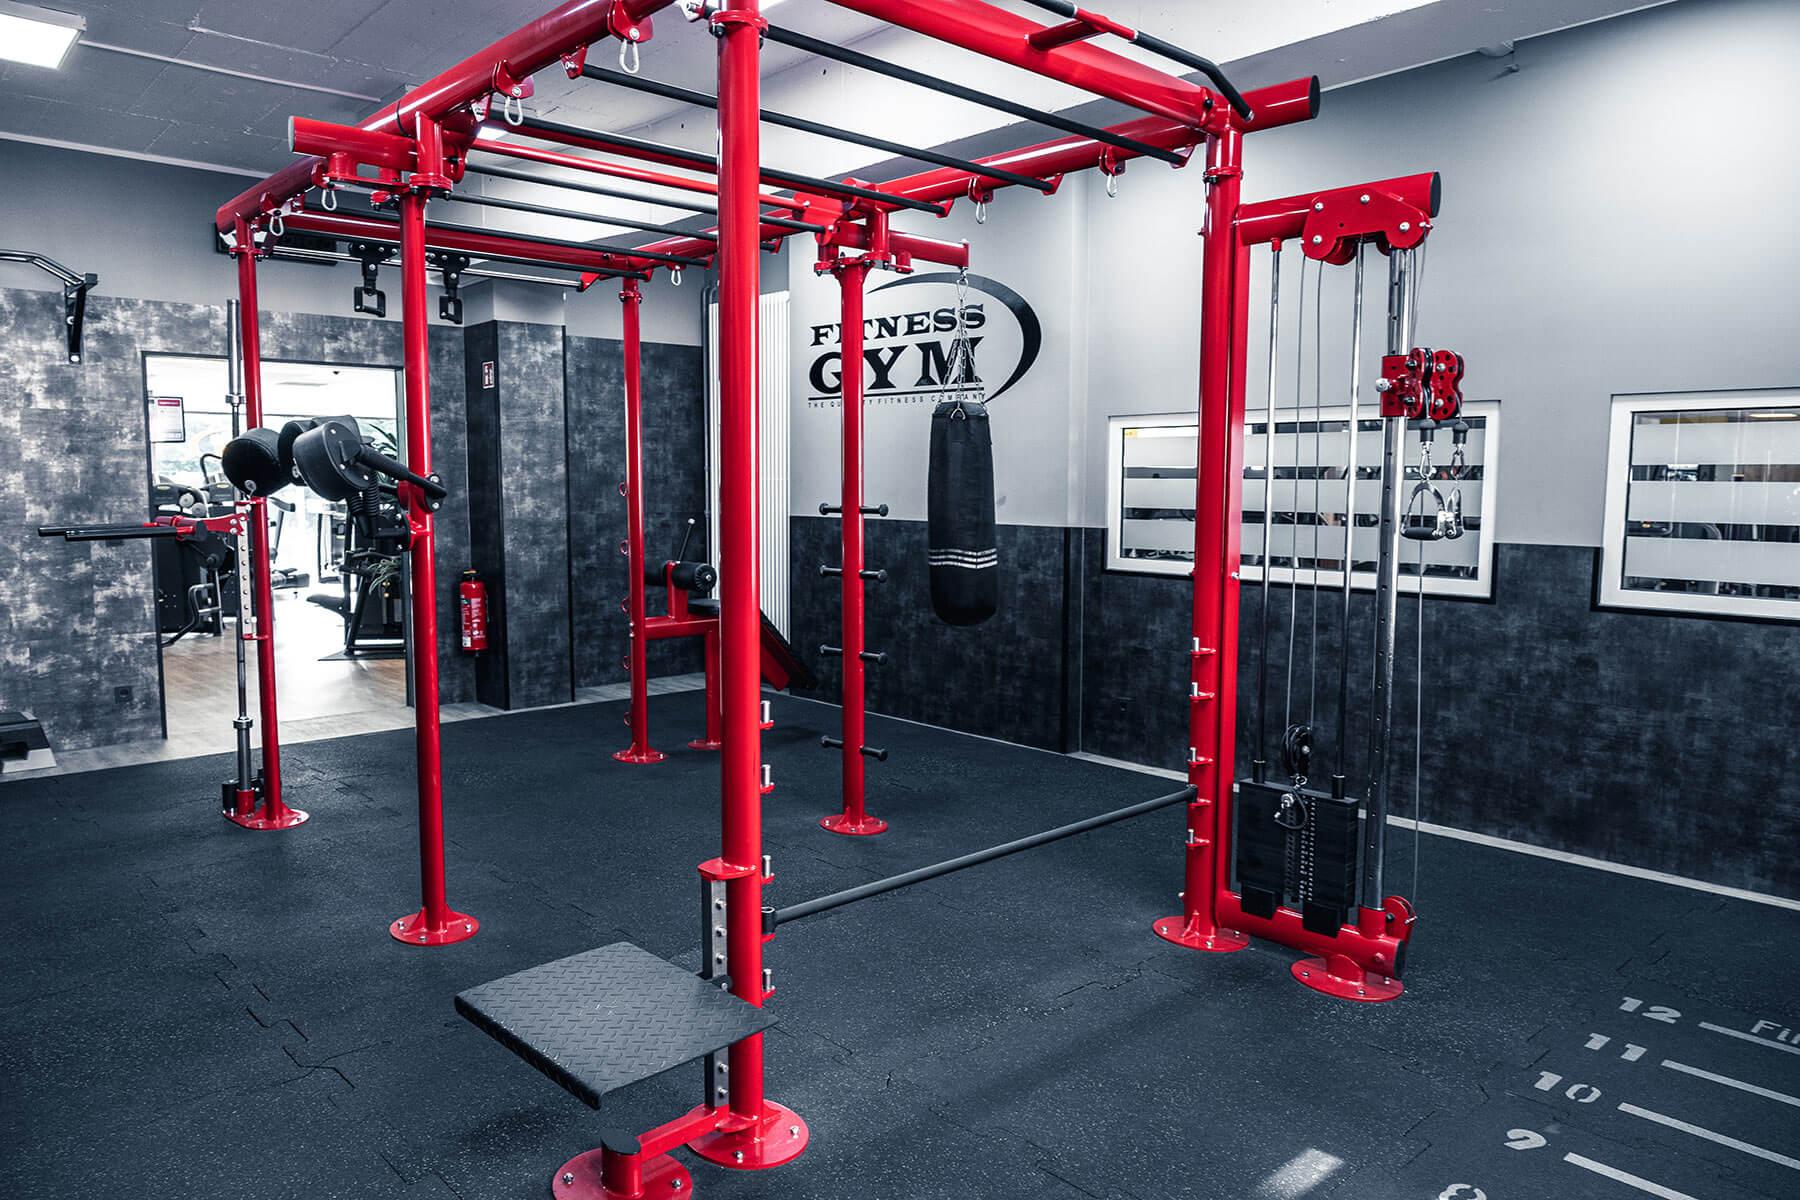 fitness gym lüdenscheid functional training